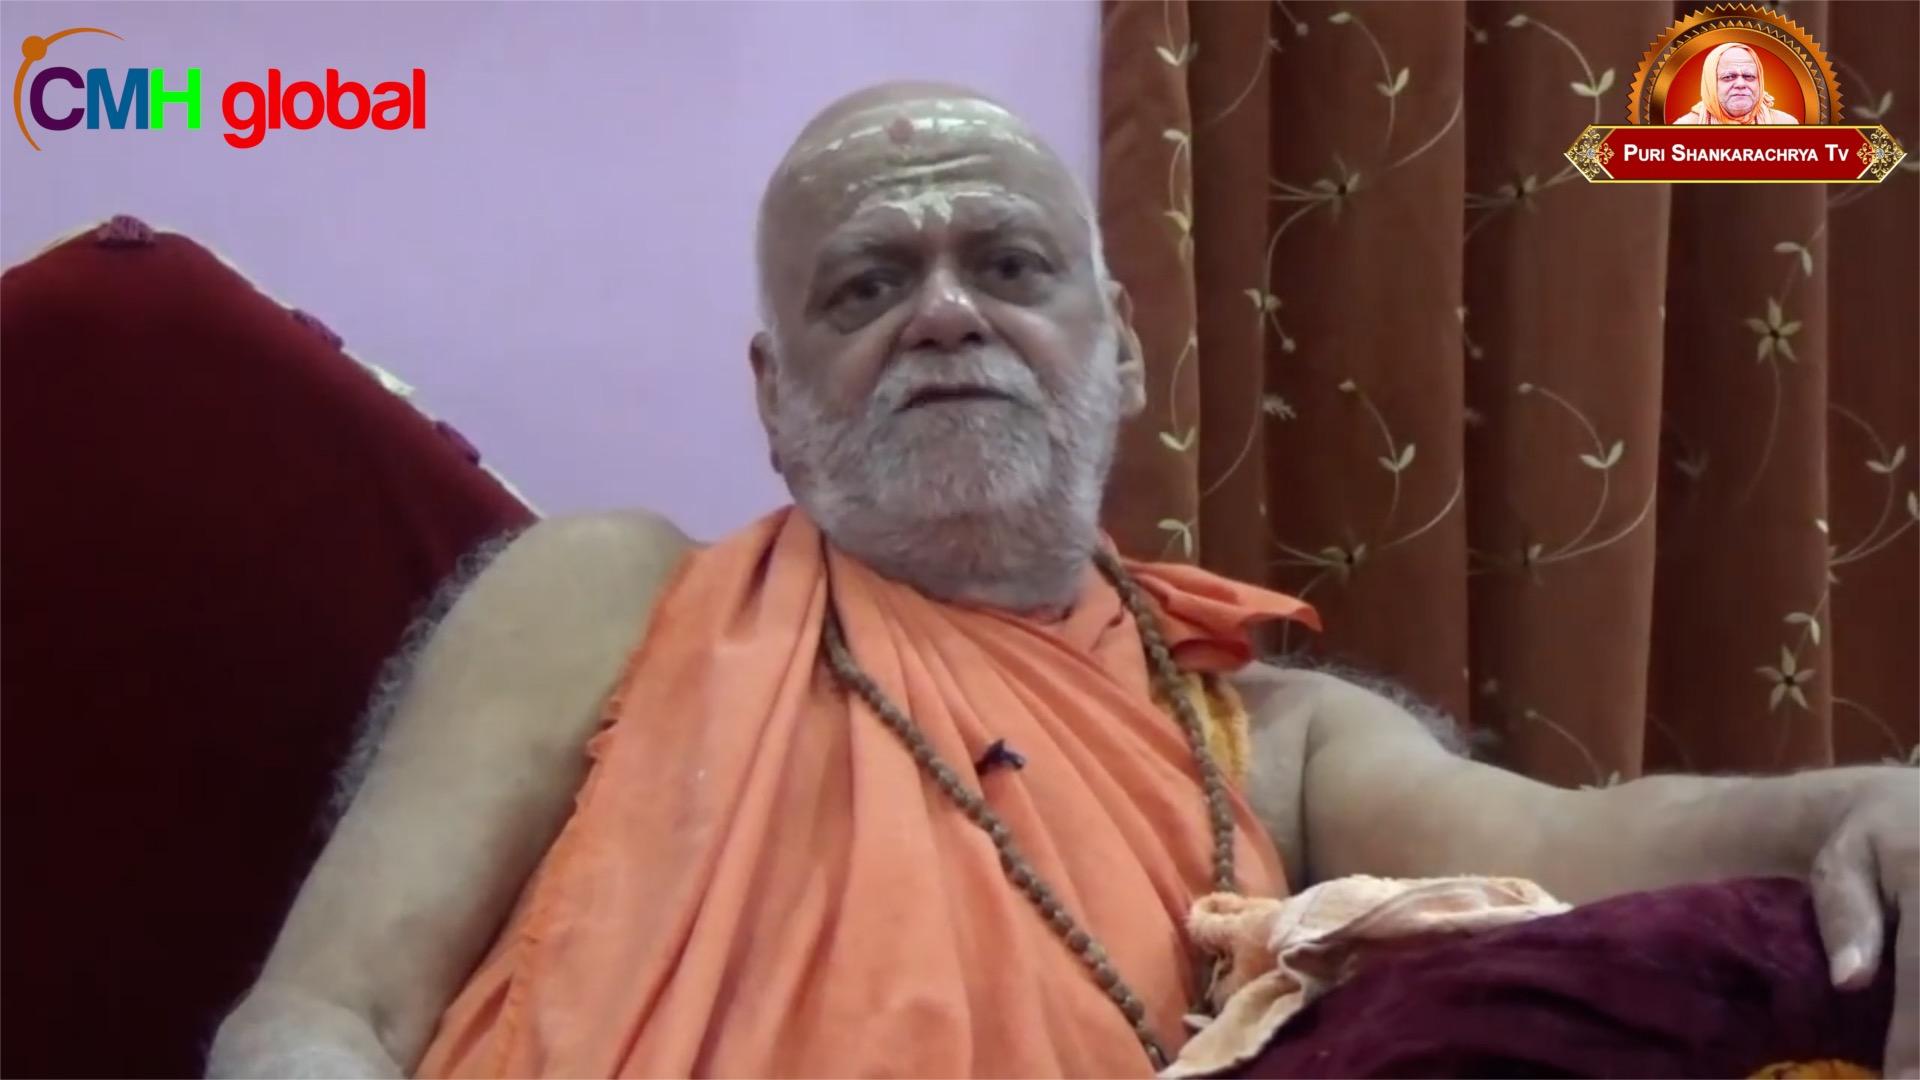 Gyan Dhara Ep -44 by Puri Shankaracharya Swami Nishchalananda Saraswati Ji